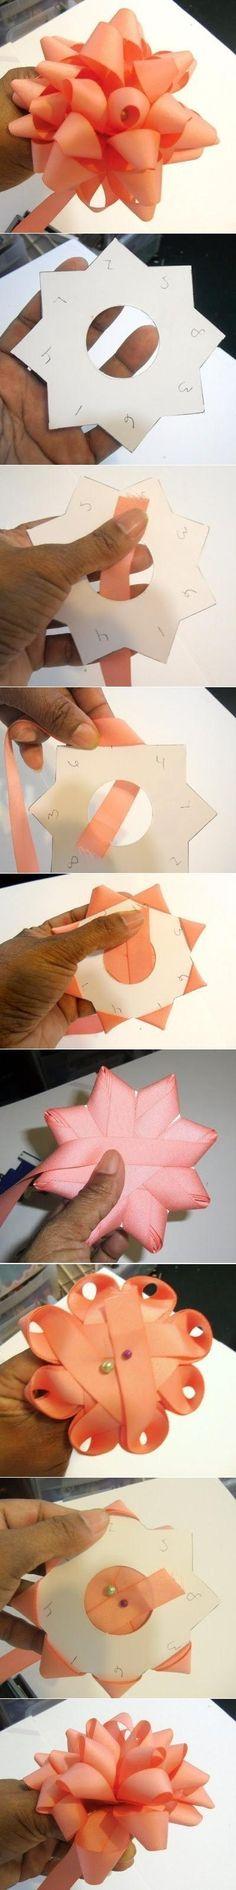 Sewing Ribbon Bow